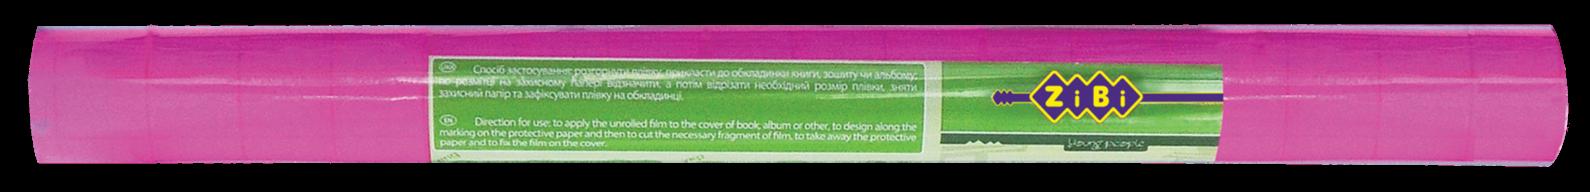 Пленка самоклеящаяся для учебников Zibi KIDS Line Bloom, неон розовый